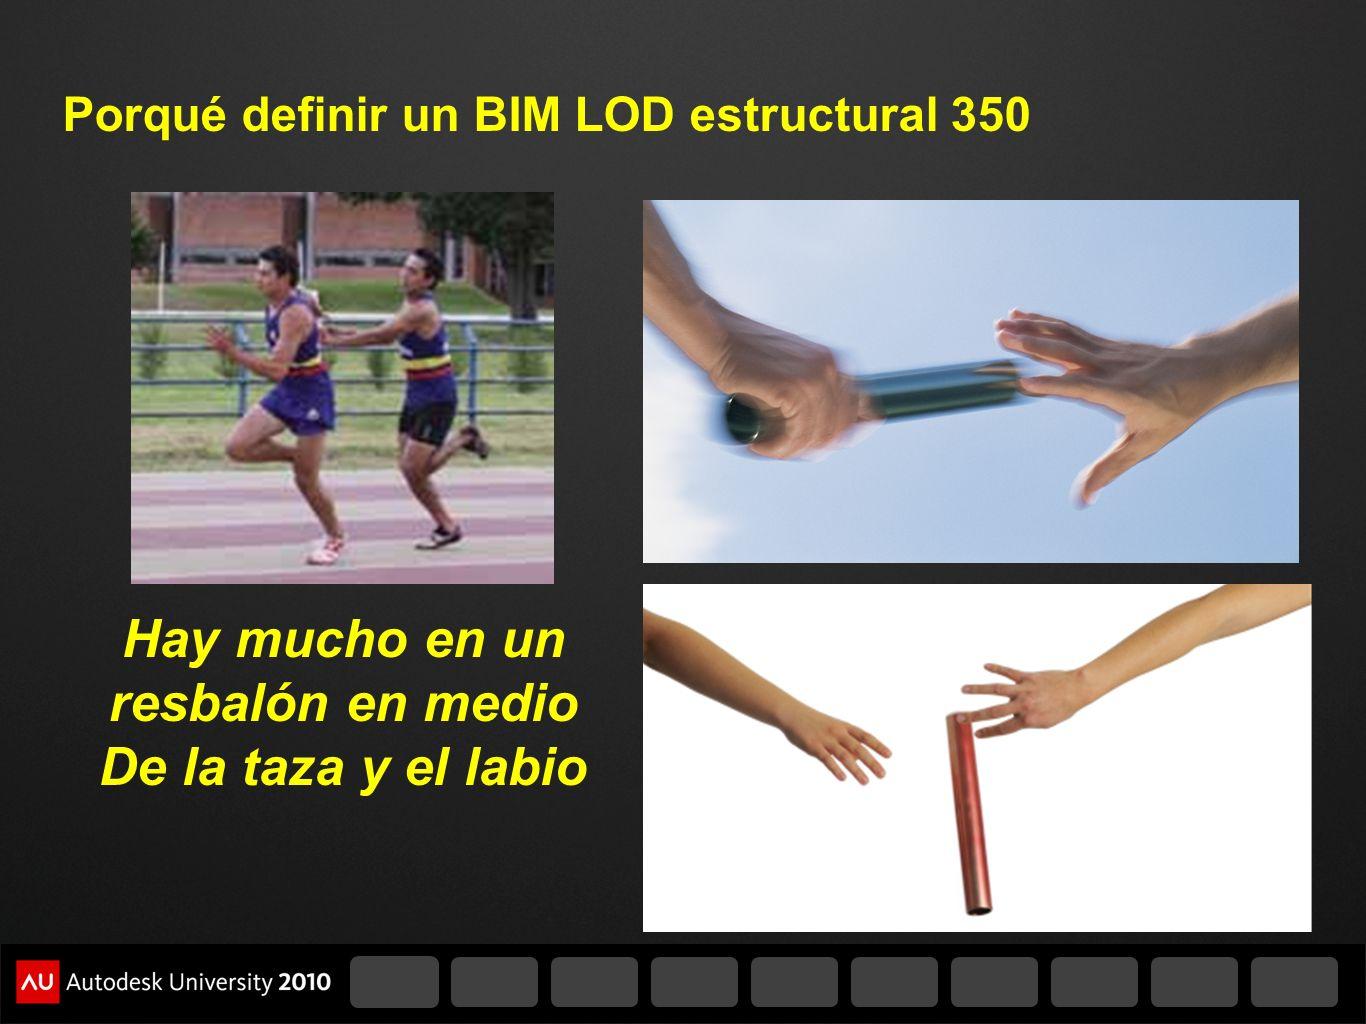 Porqué definir un BIM LOD estructural 350